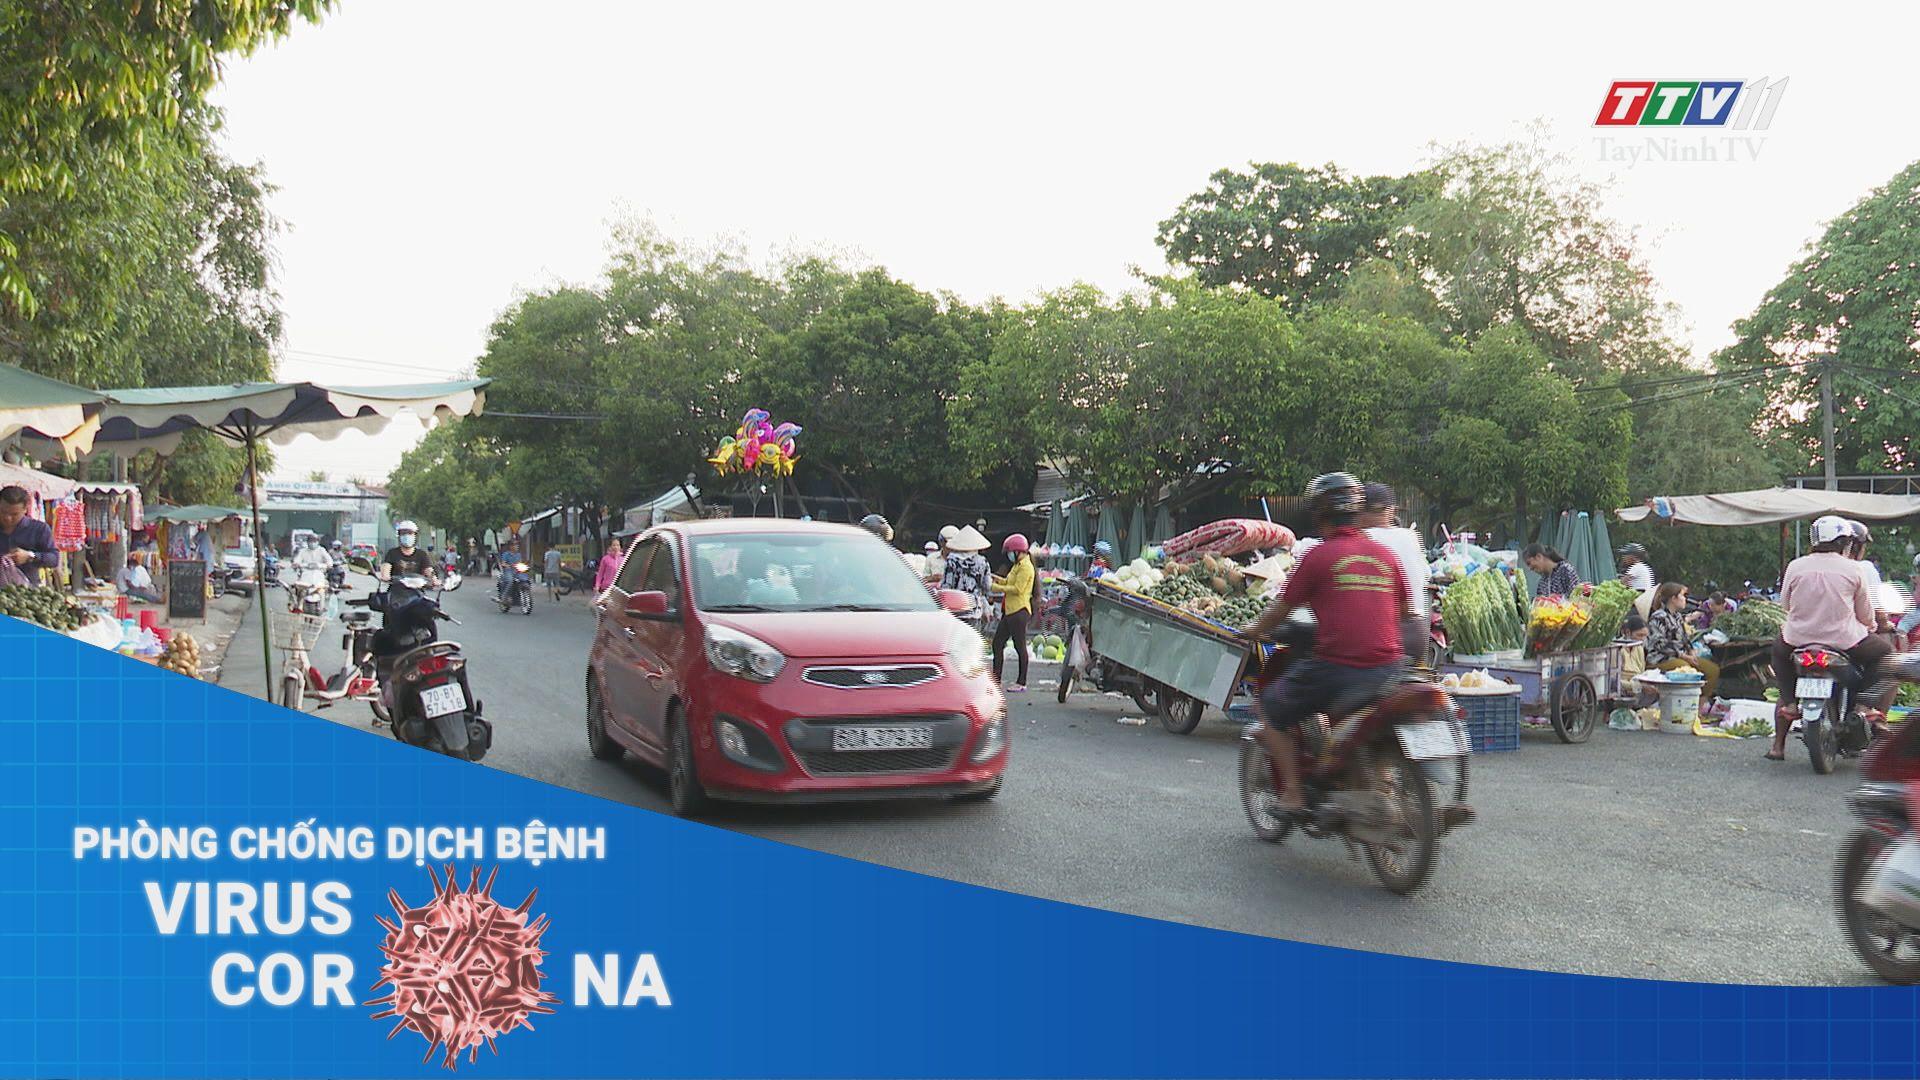 Không chủ quan để dịch bệnh bùng phát trở lại | THÔNG TIN DỊCH CÚM COVID-19 | TayNinhTV